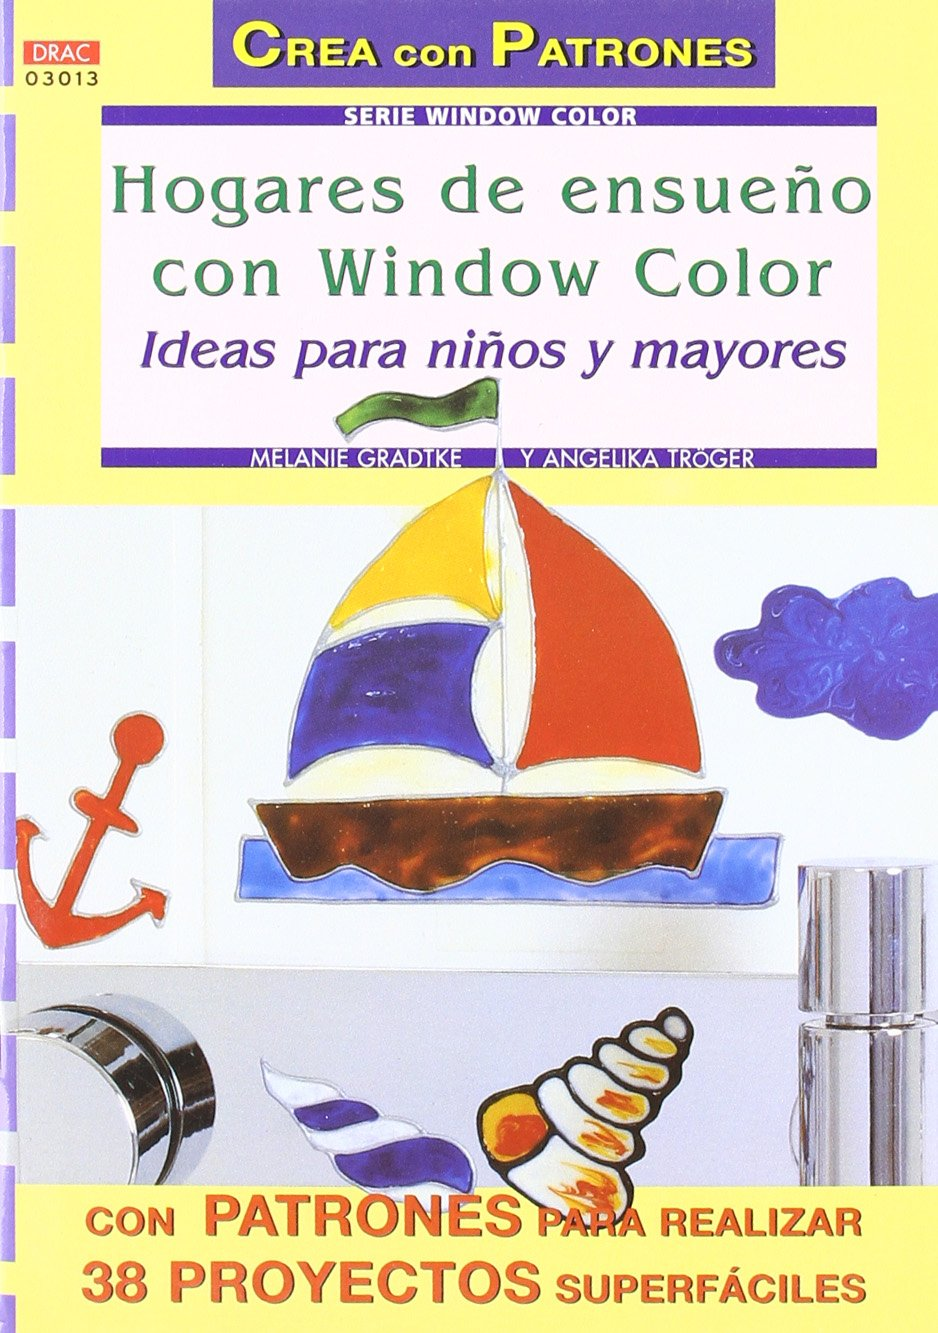 Hogares de ensueño con Window color, ideas para niños y mayores (Spanish) Paperback – 2013